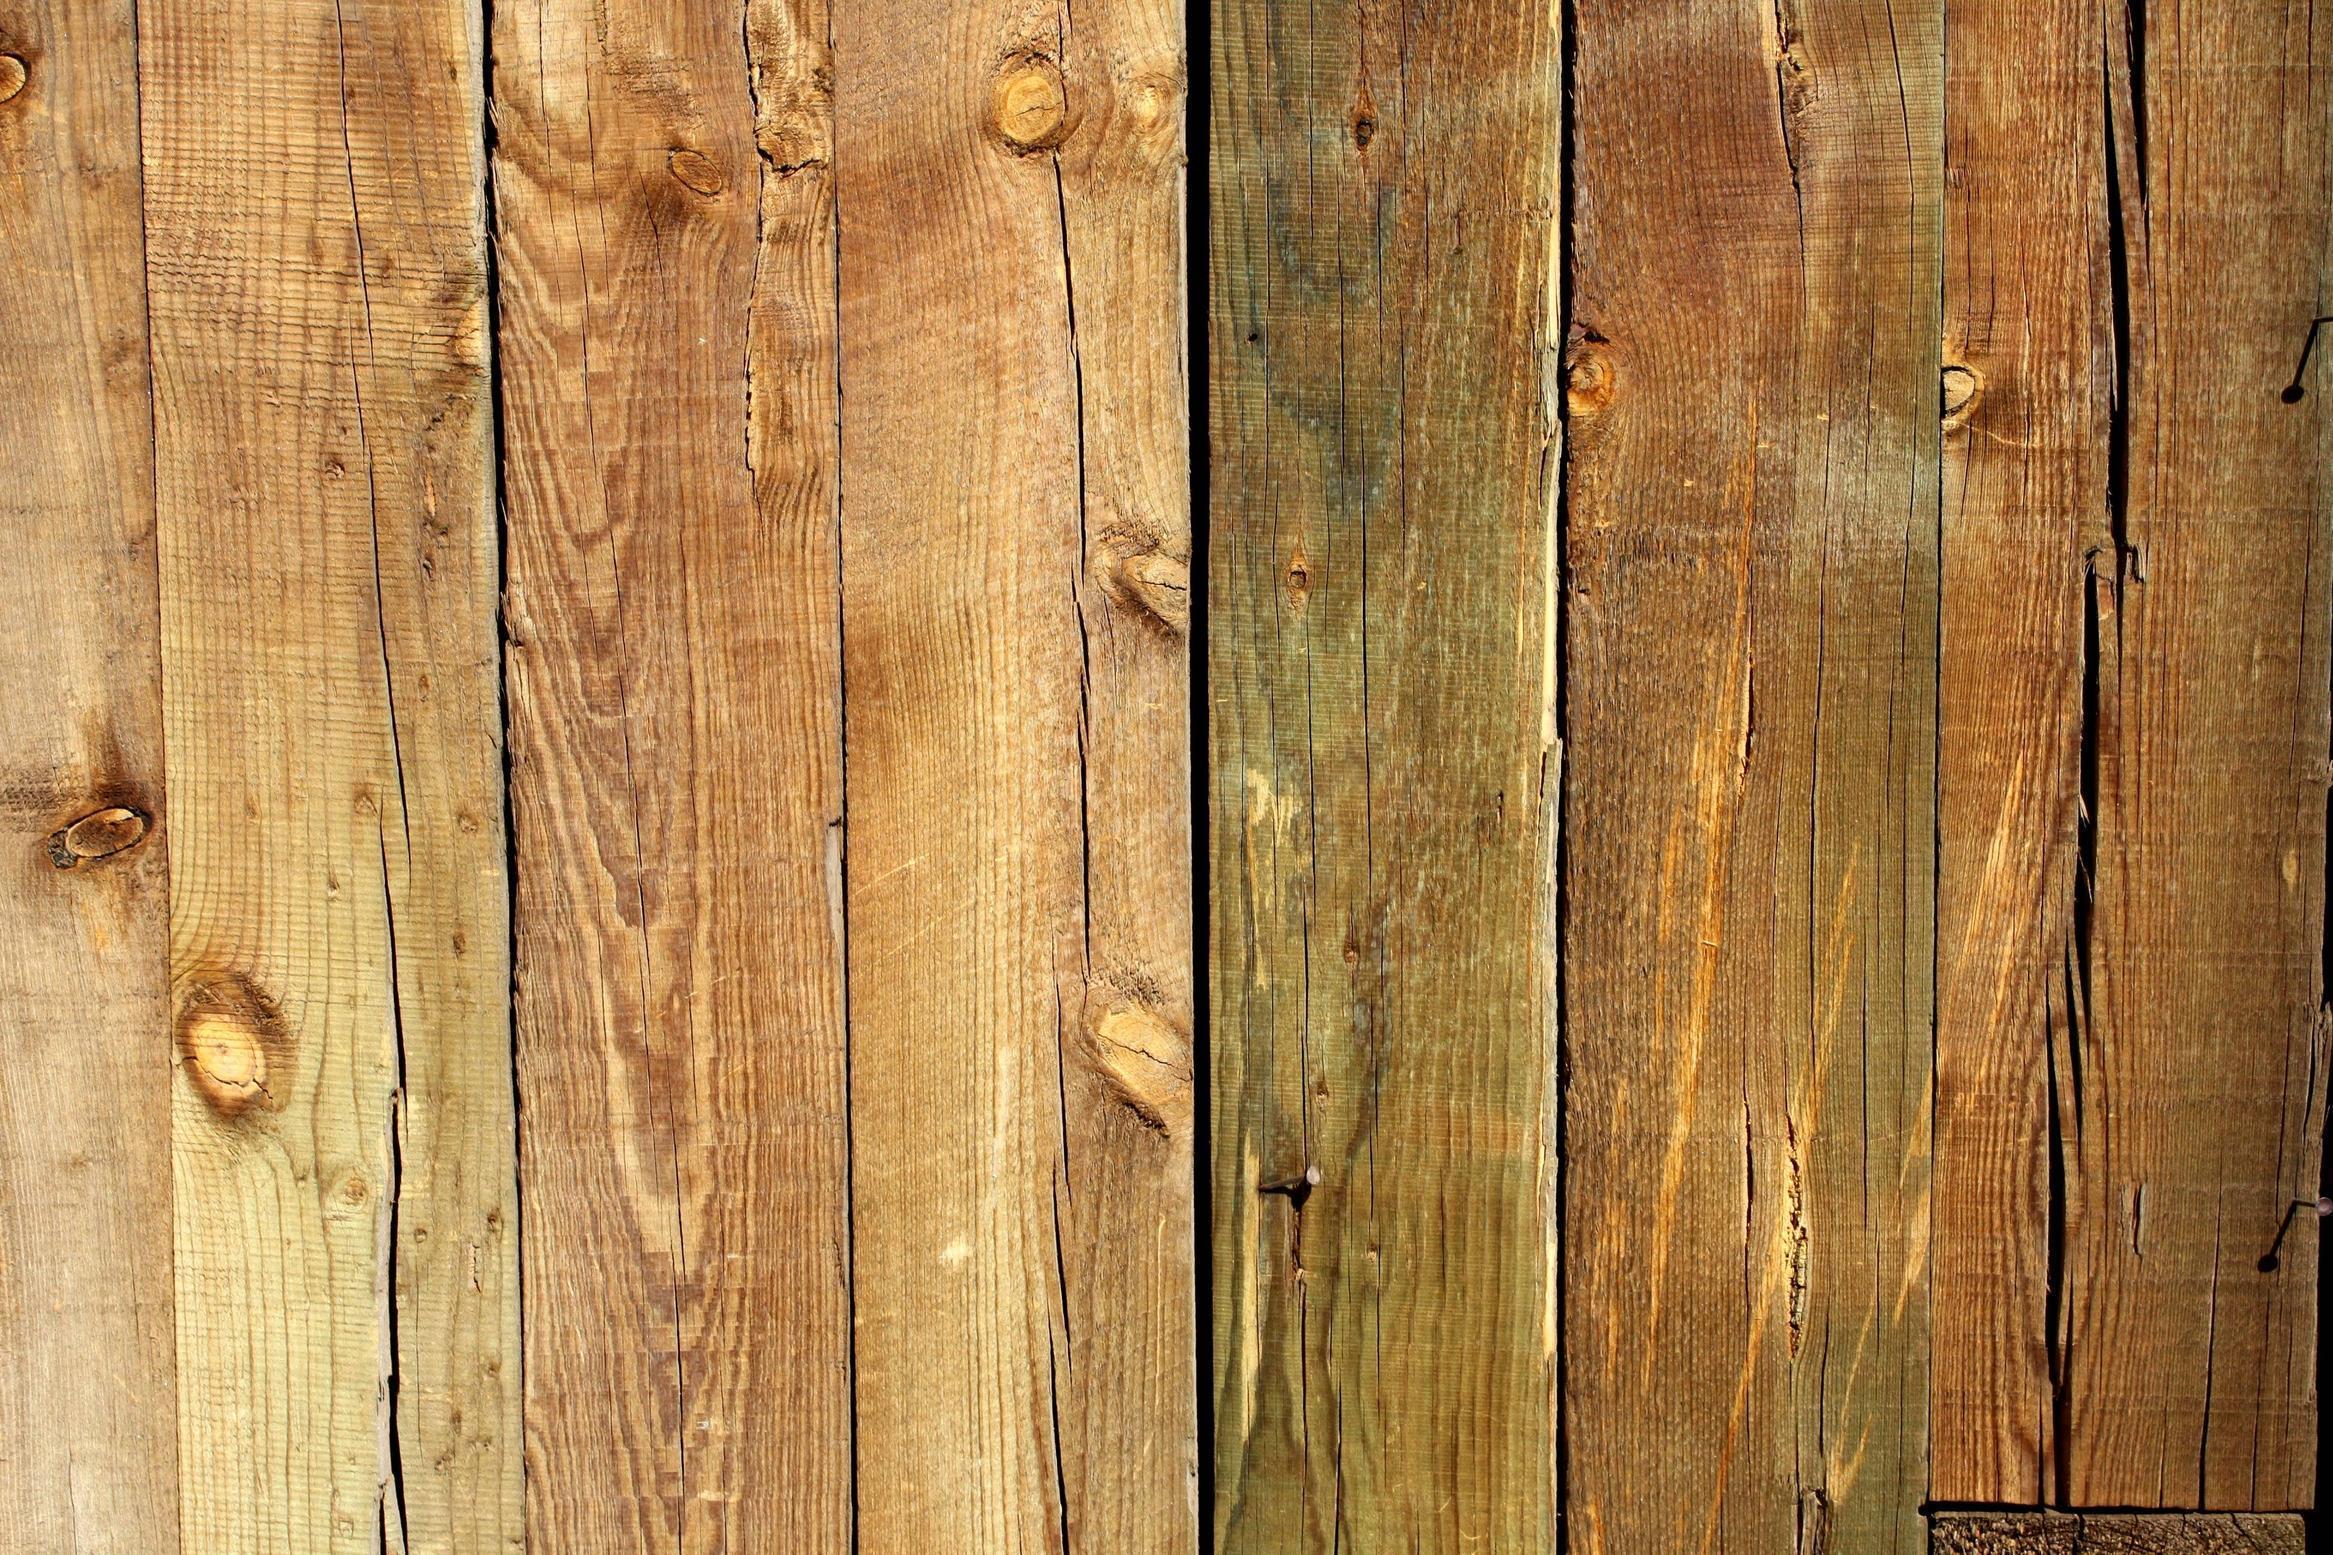 Tahta Masaüstü Duvar Kağıtları / Wood Grain Desktop Wallpape